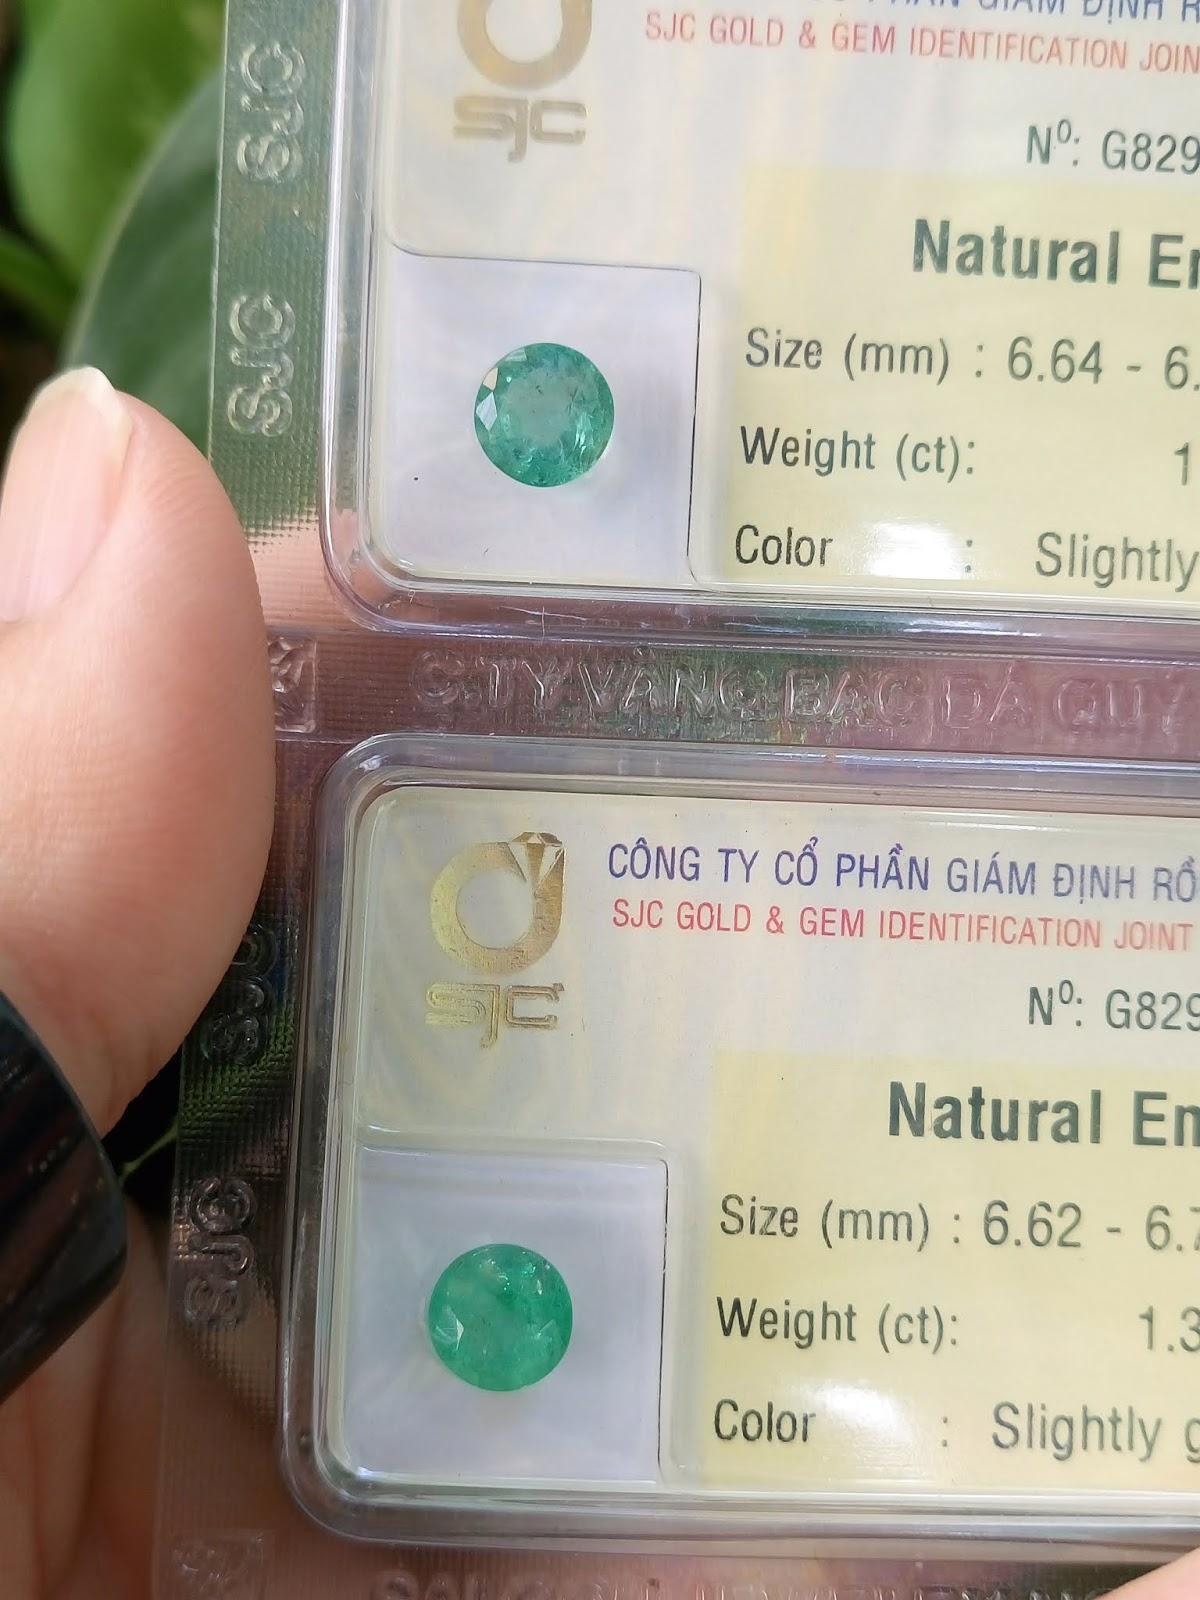 Đá quý Ngọc Lục Bảo thiên nhiên, Natural Emerald đã kiểm định SJC